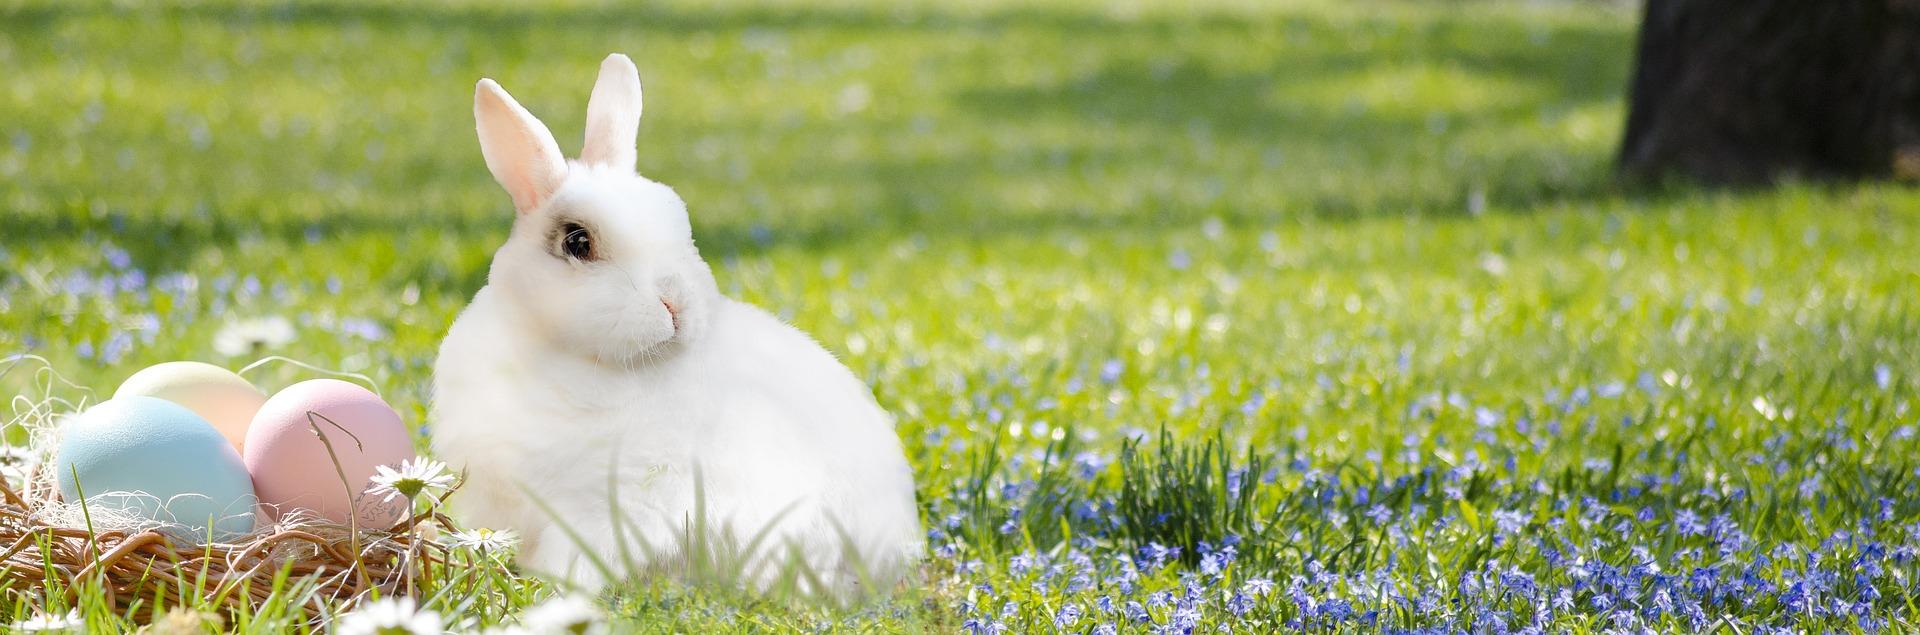 easter-bunny-3201433_1920.jpg